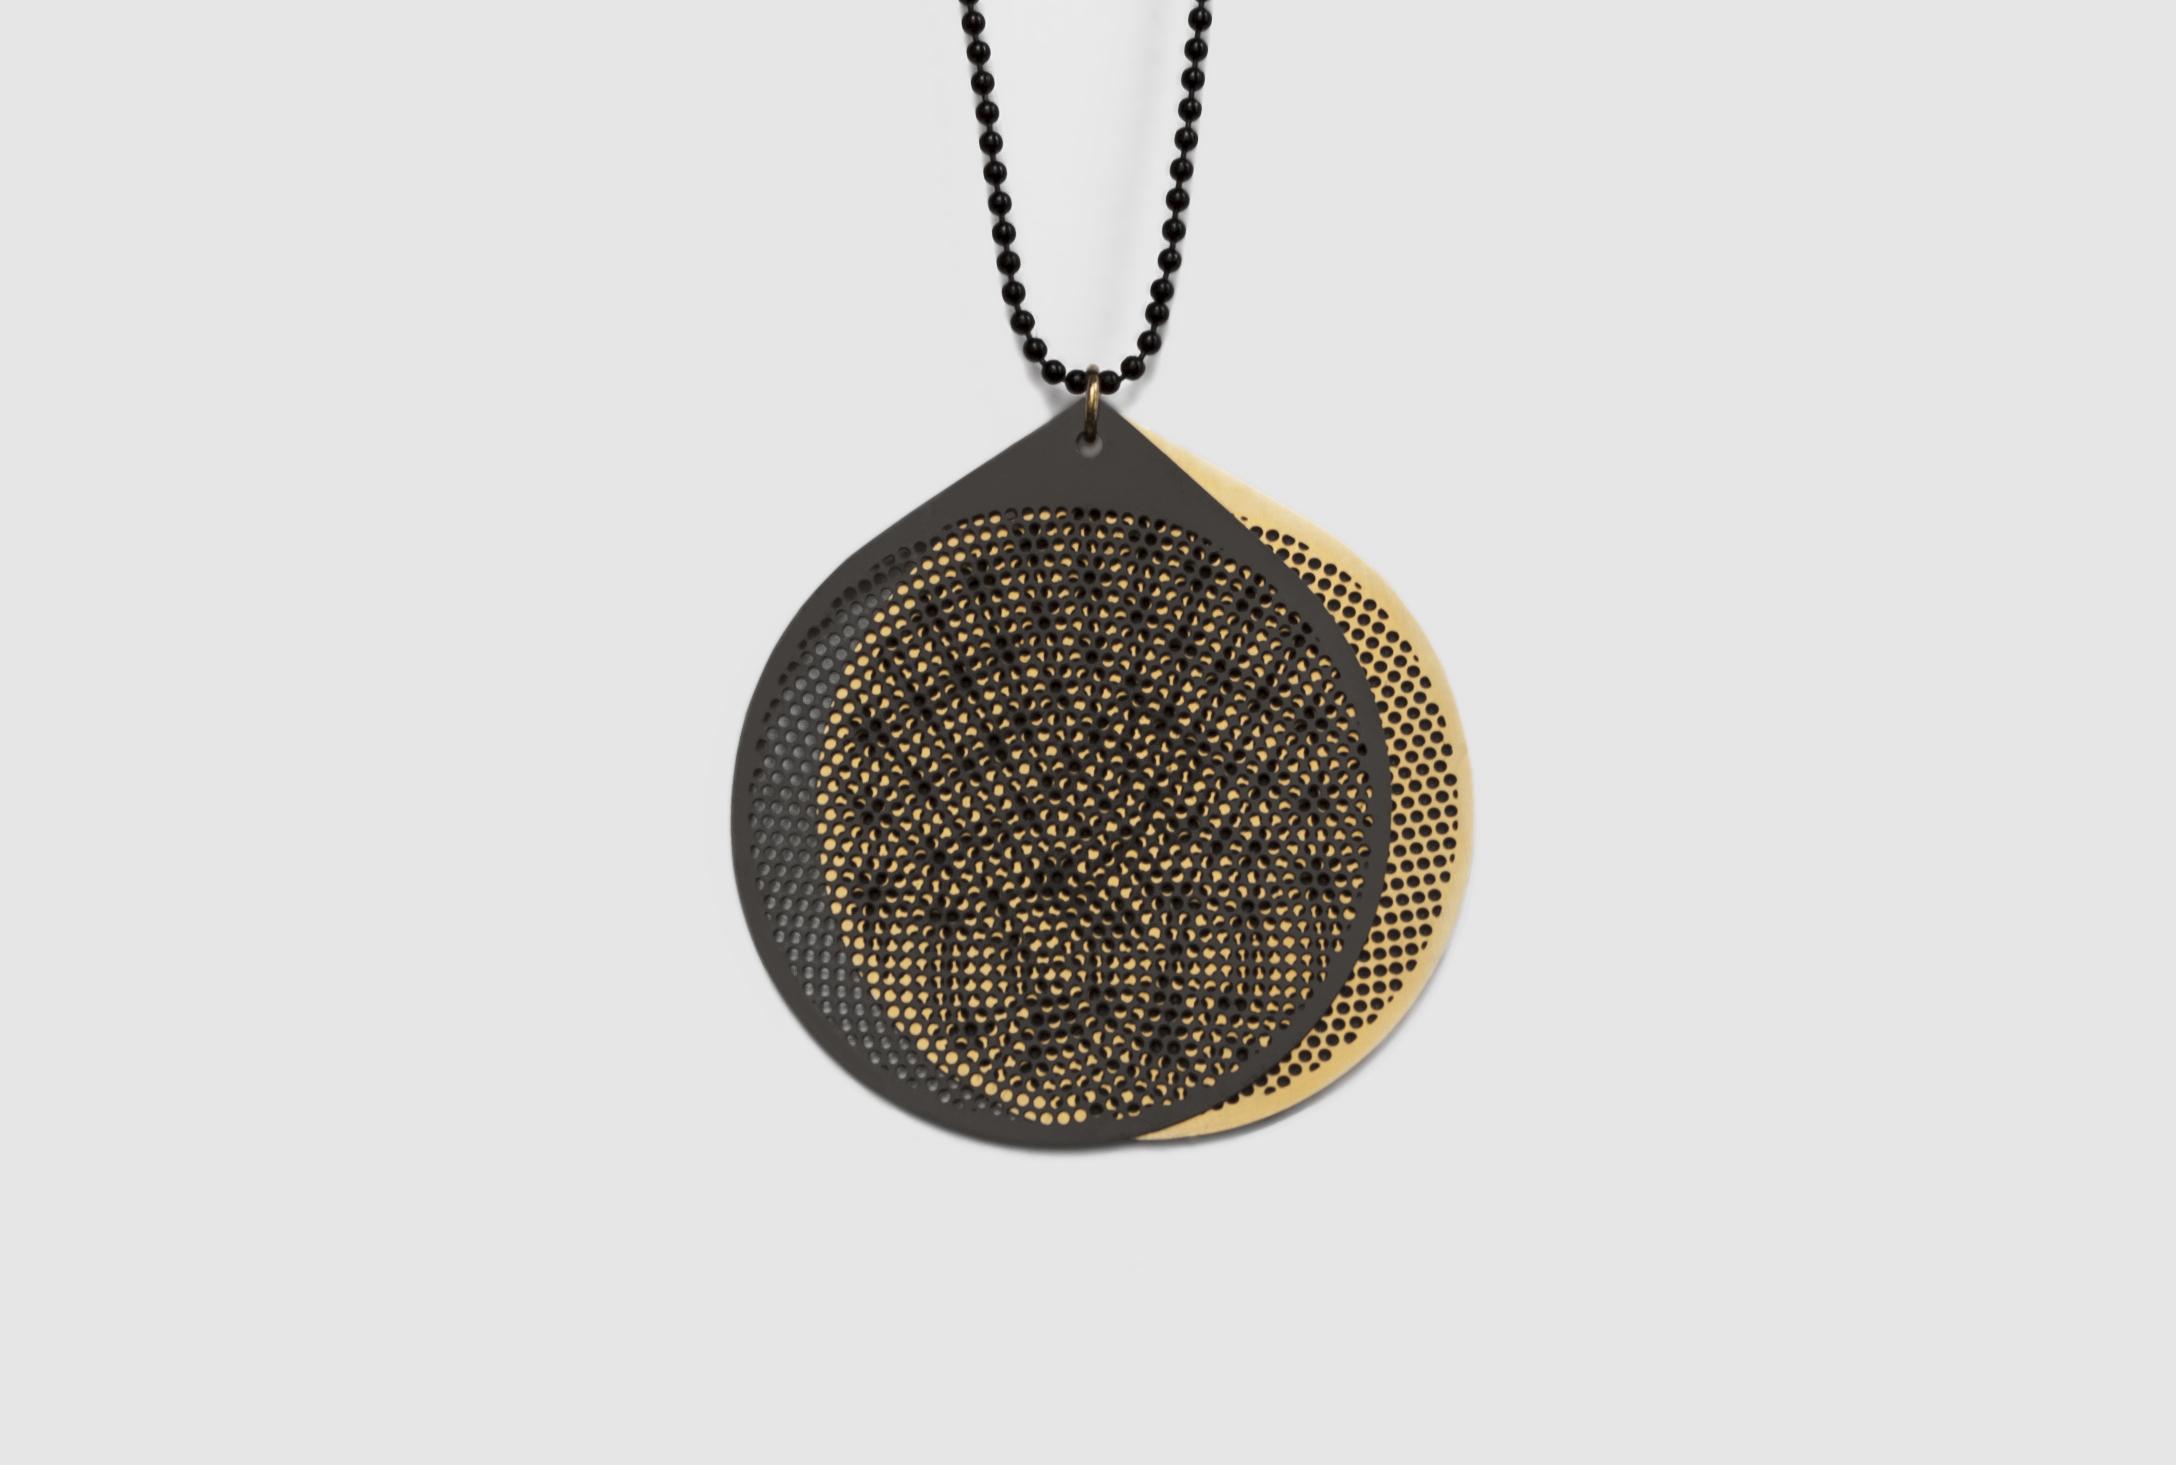 Moire Jewelry-style2.1-HR-David Derksen Design.jpg